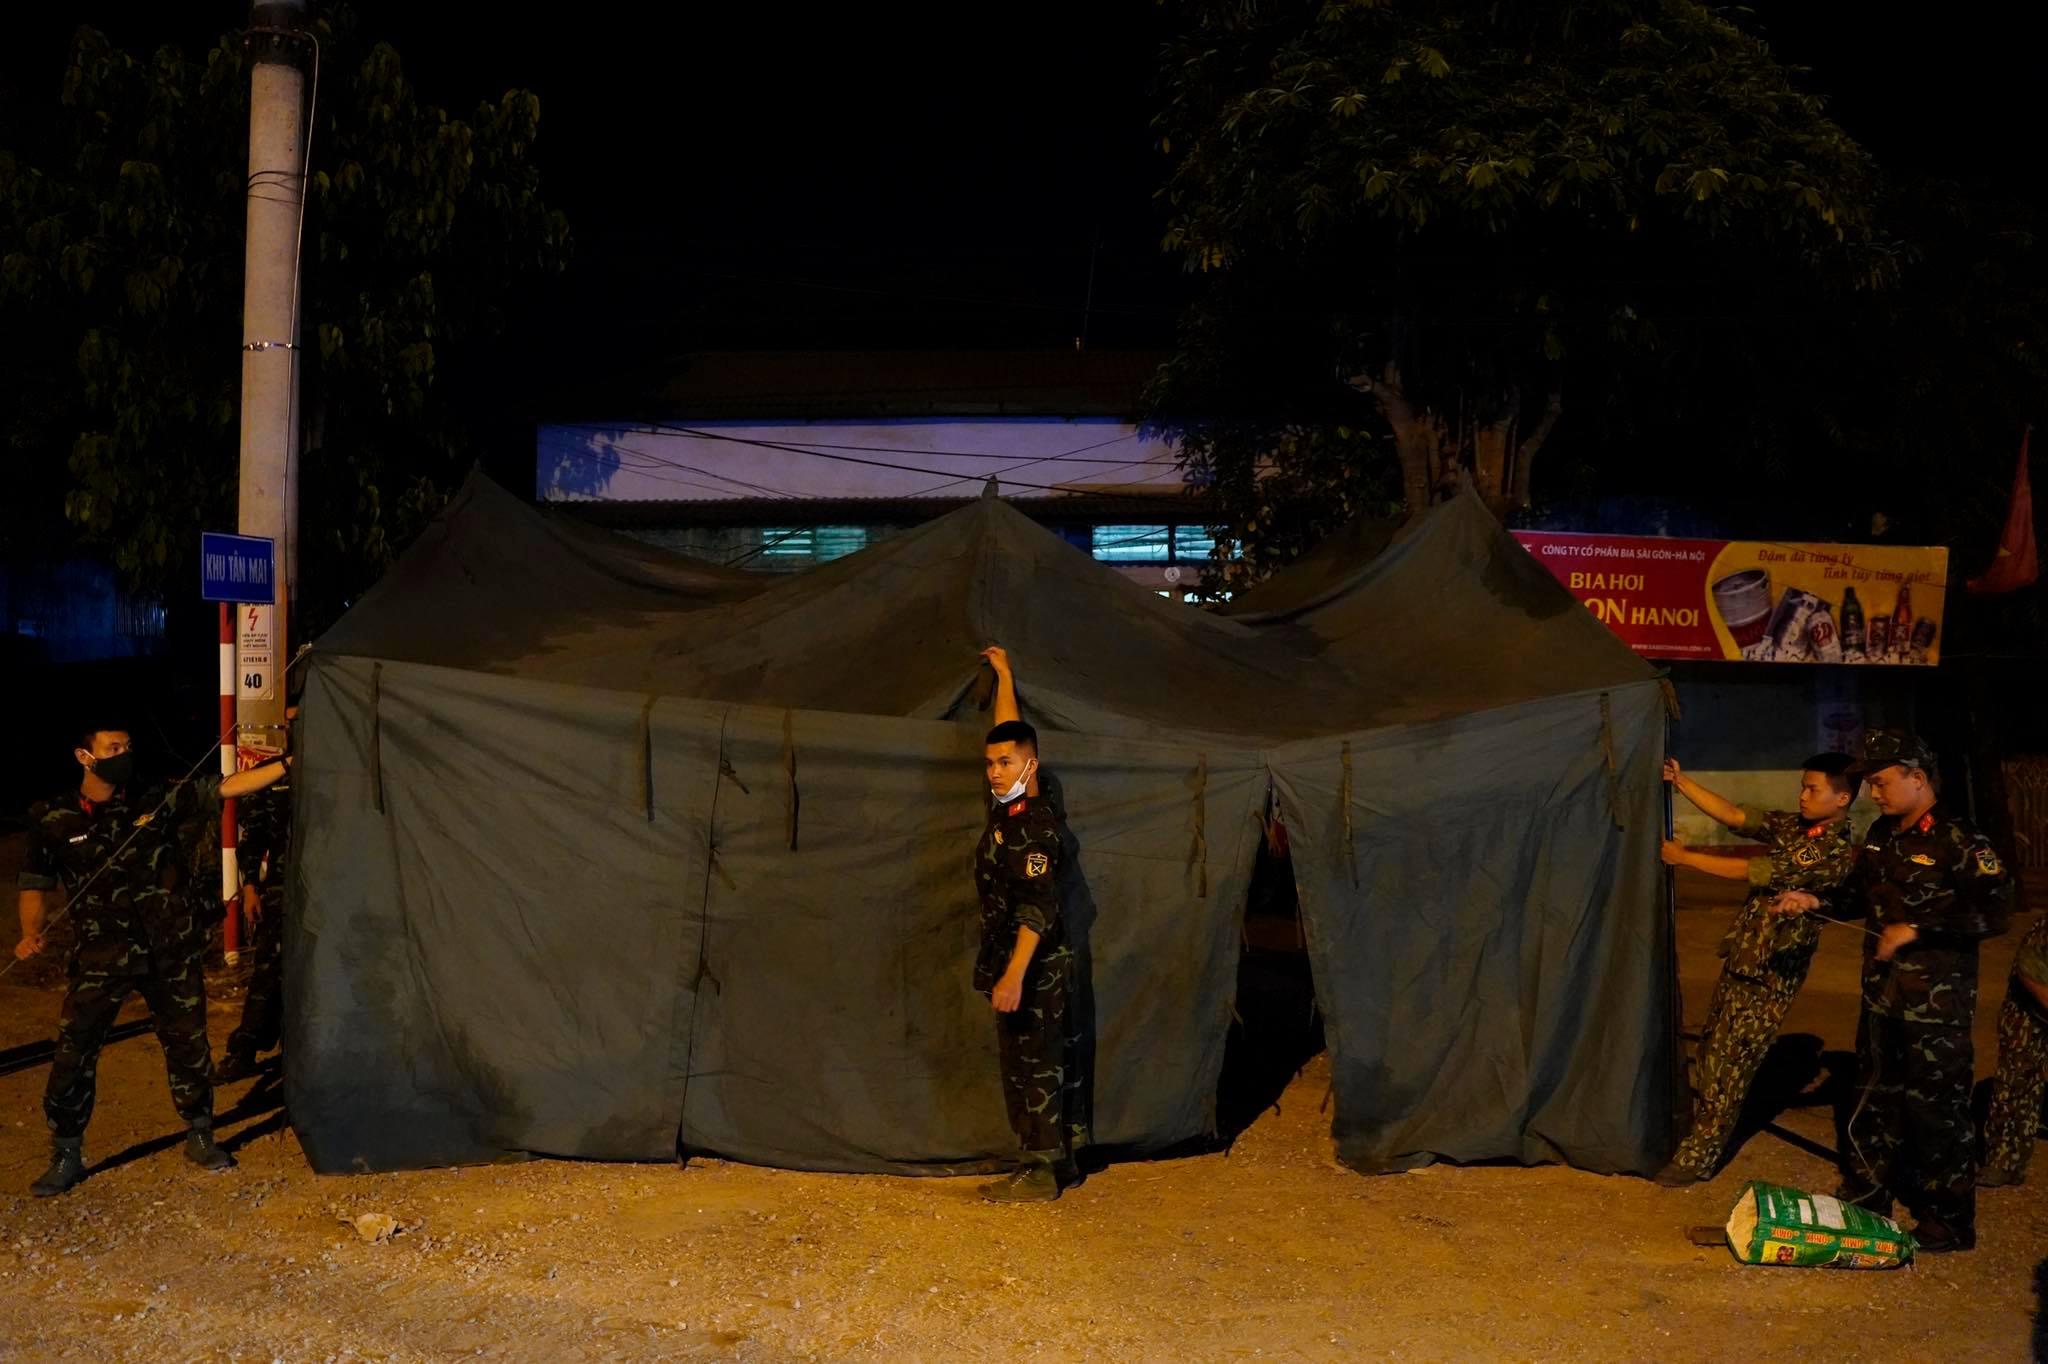 Tại chốt 13, chốt kiểm dịch huyện Chương Mỹ trên quốc lộ 6, Đội CSGT số 12 phối hợp với 10 chiến sĩ Lữ đoàn 201 dựng lều bạt dã chiến bên vệ đường. Ảnh: Gia Chính